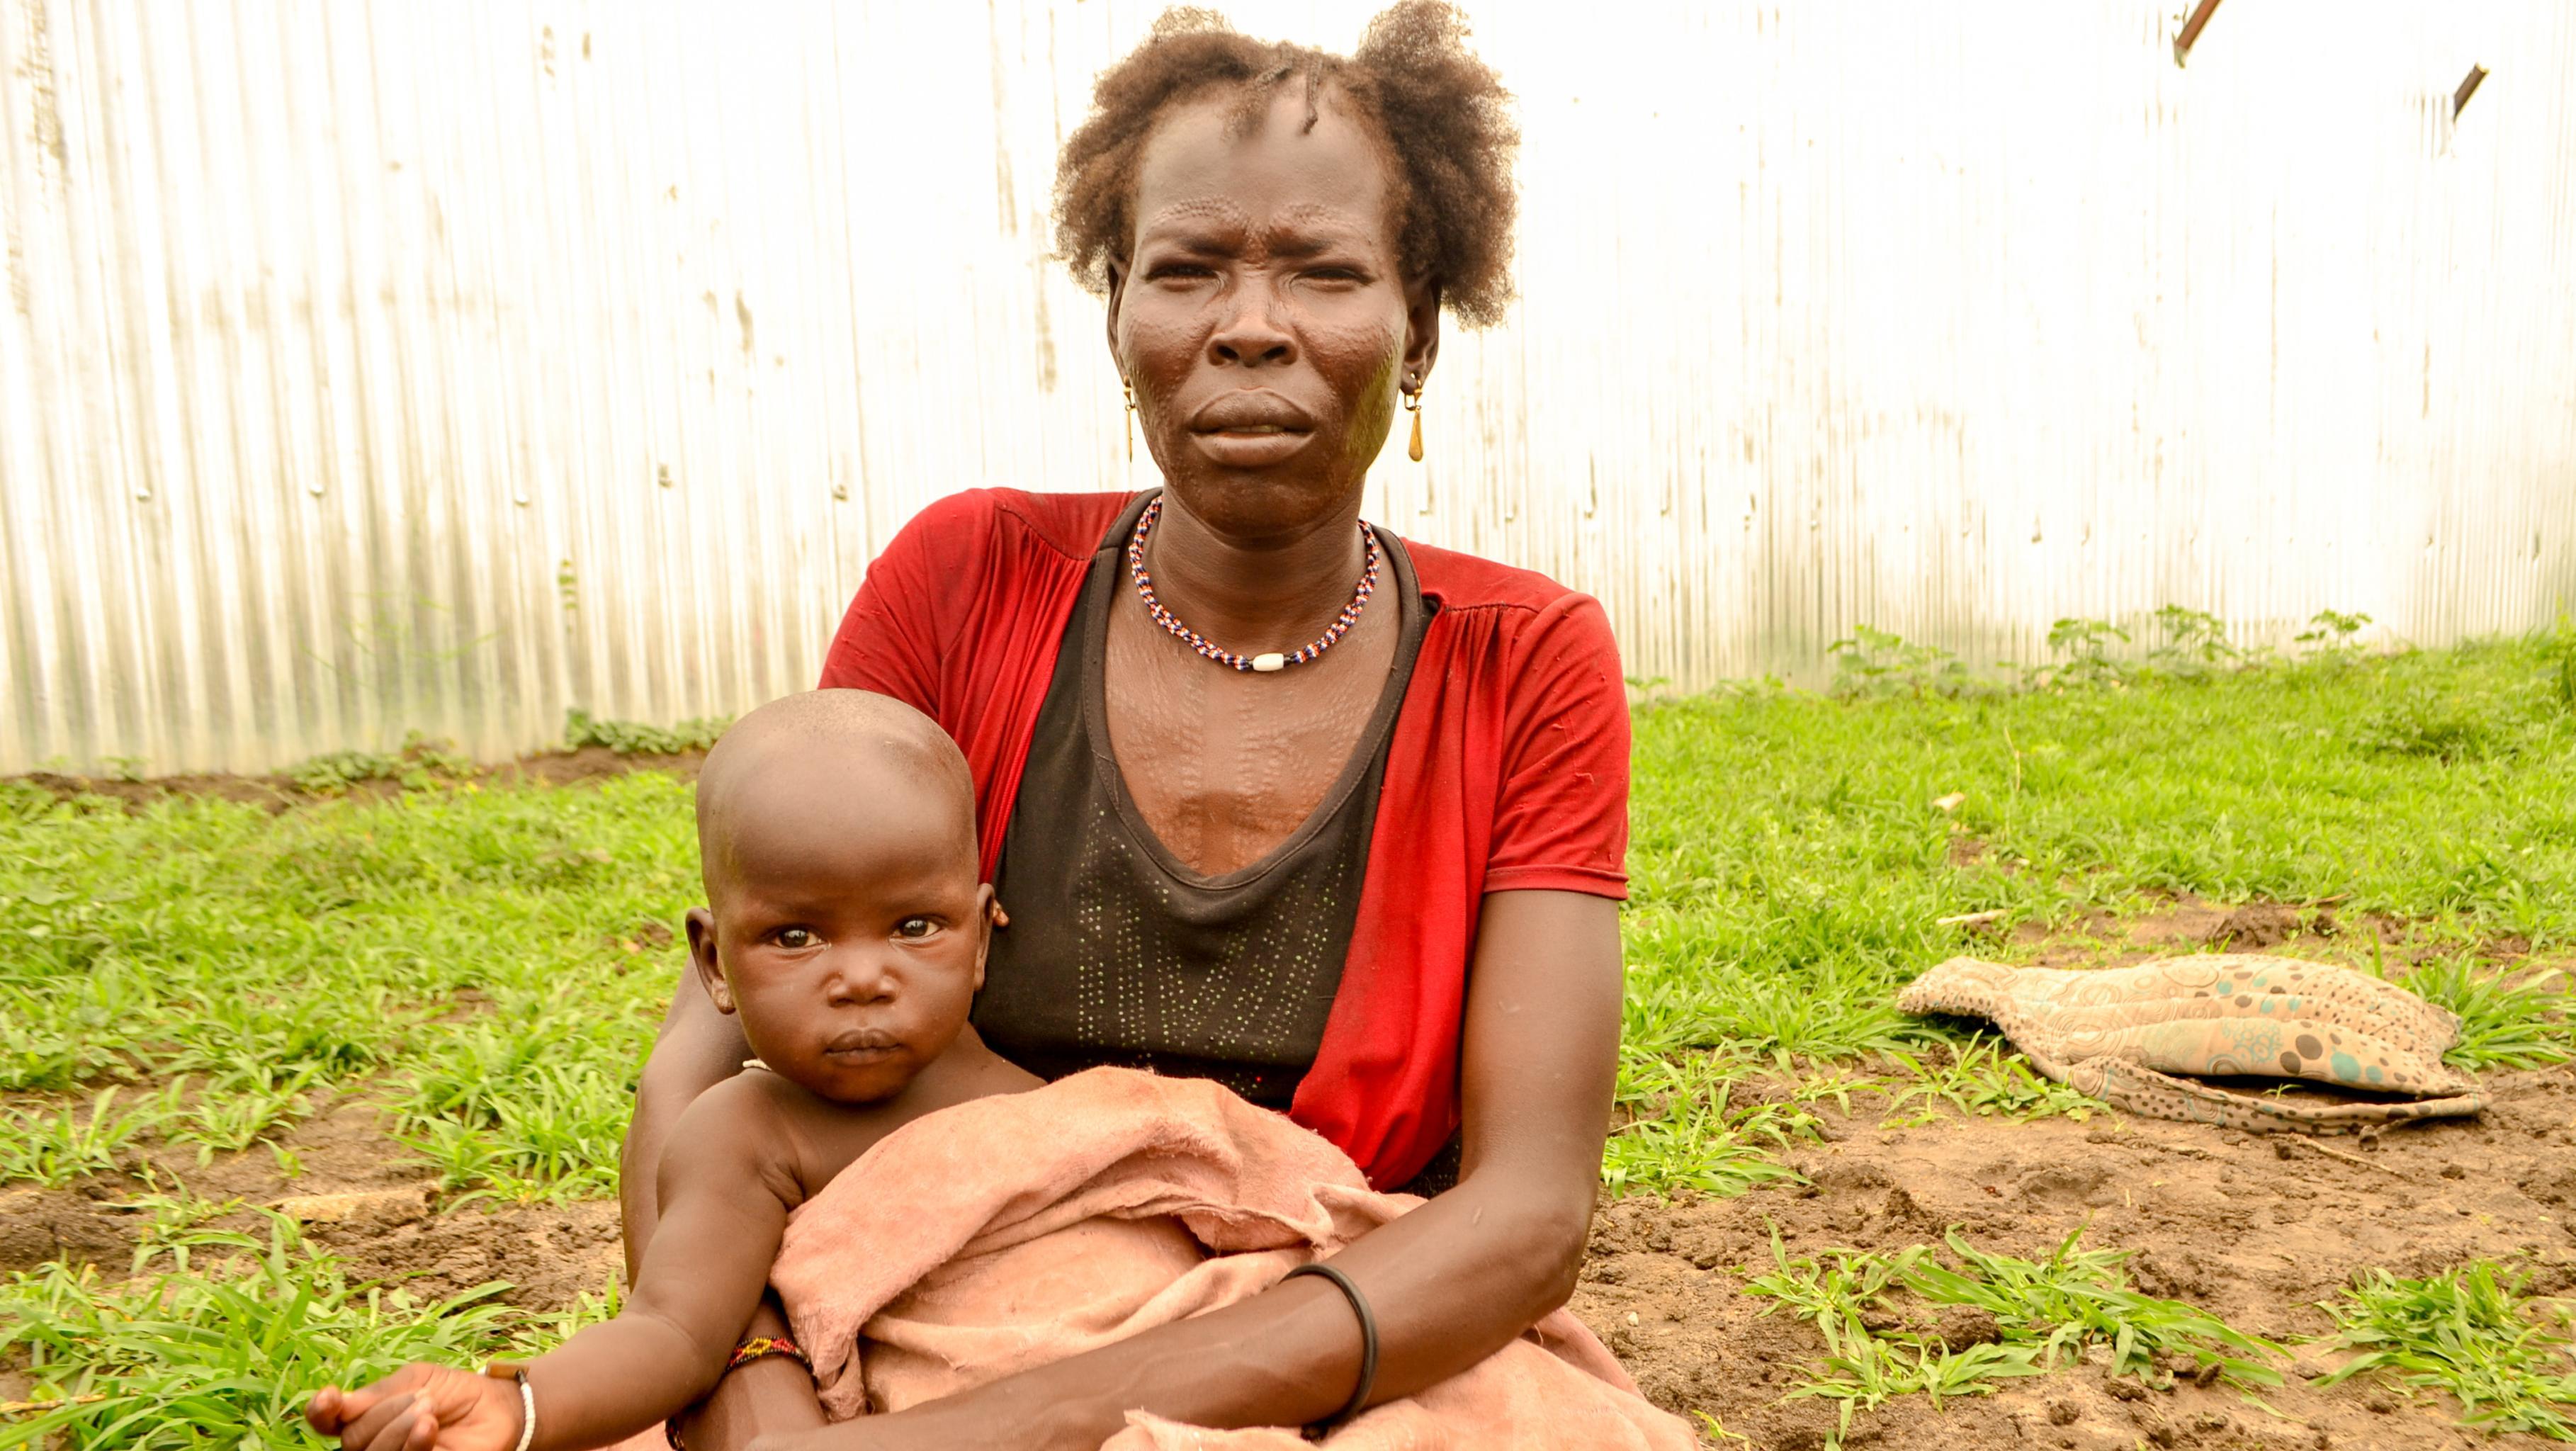 Die 36-jährige Witwe Aria mit einem ihrer fünf Kinder